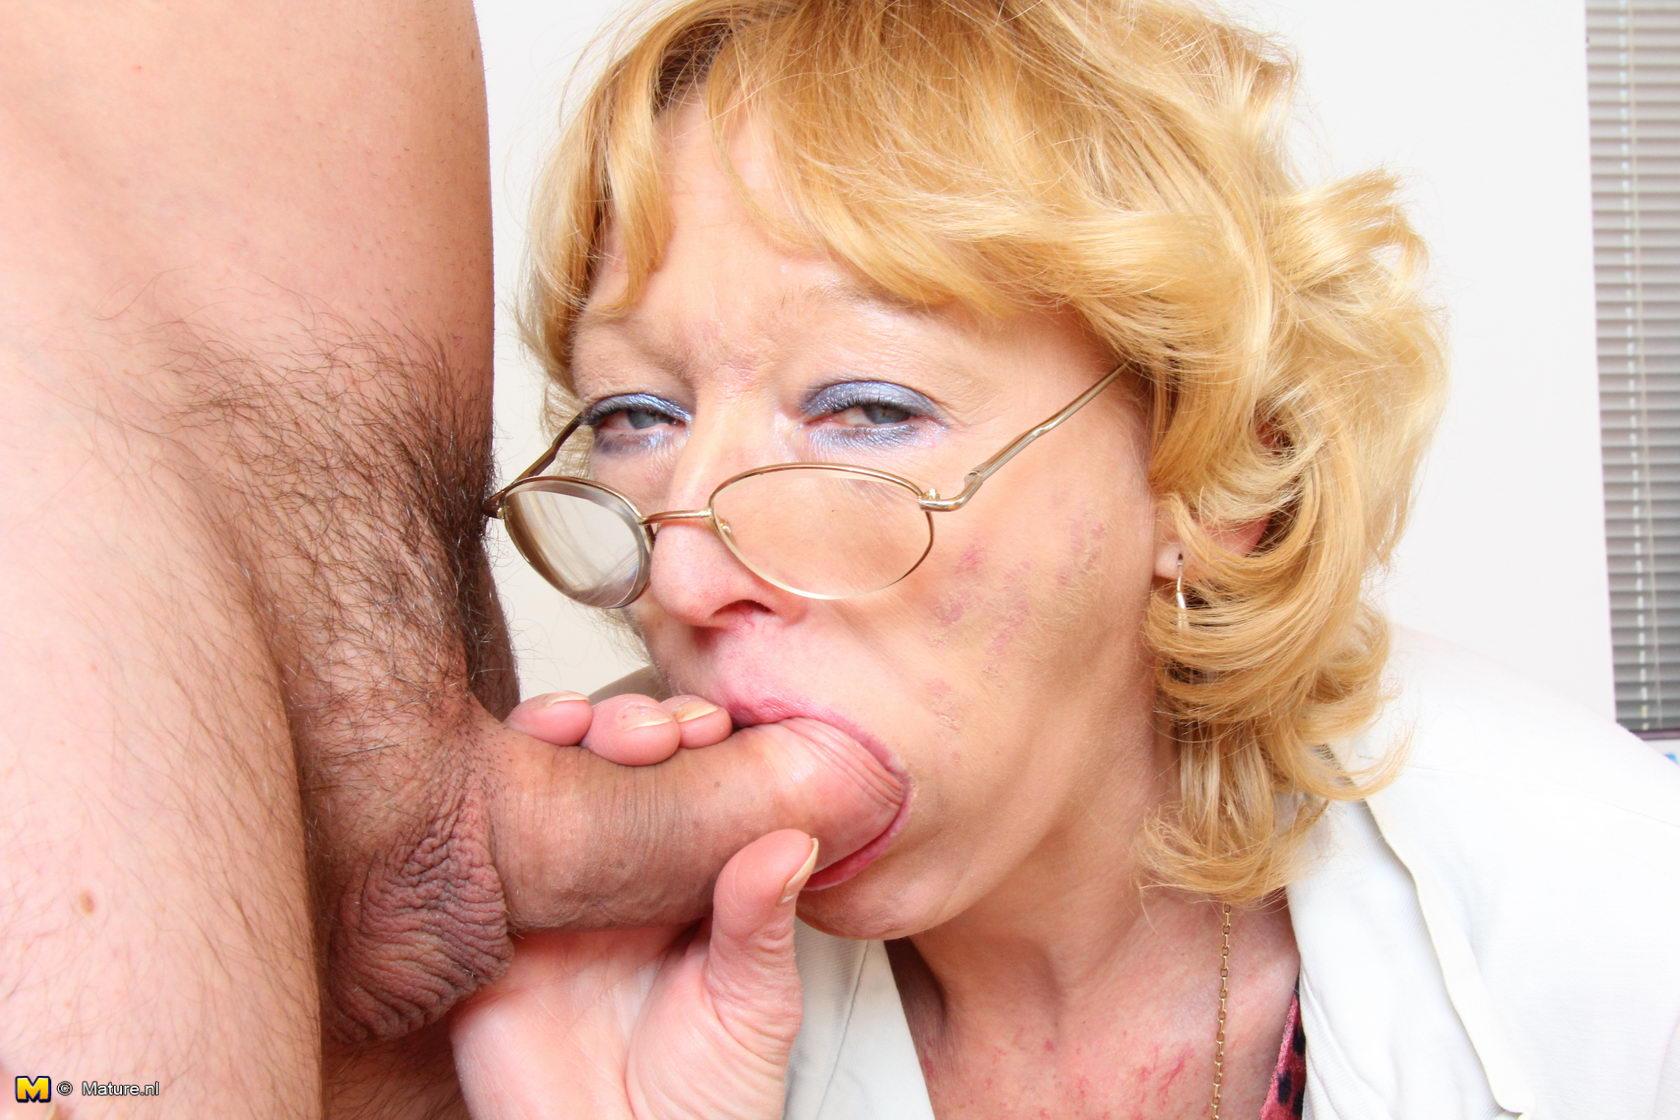 Зрелые и пожилые женщины - страница № 4 | Pornokaif.net